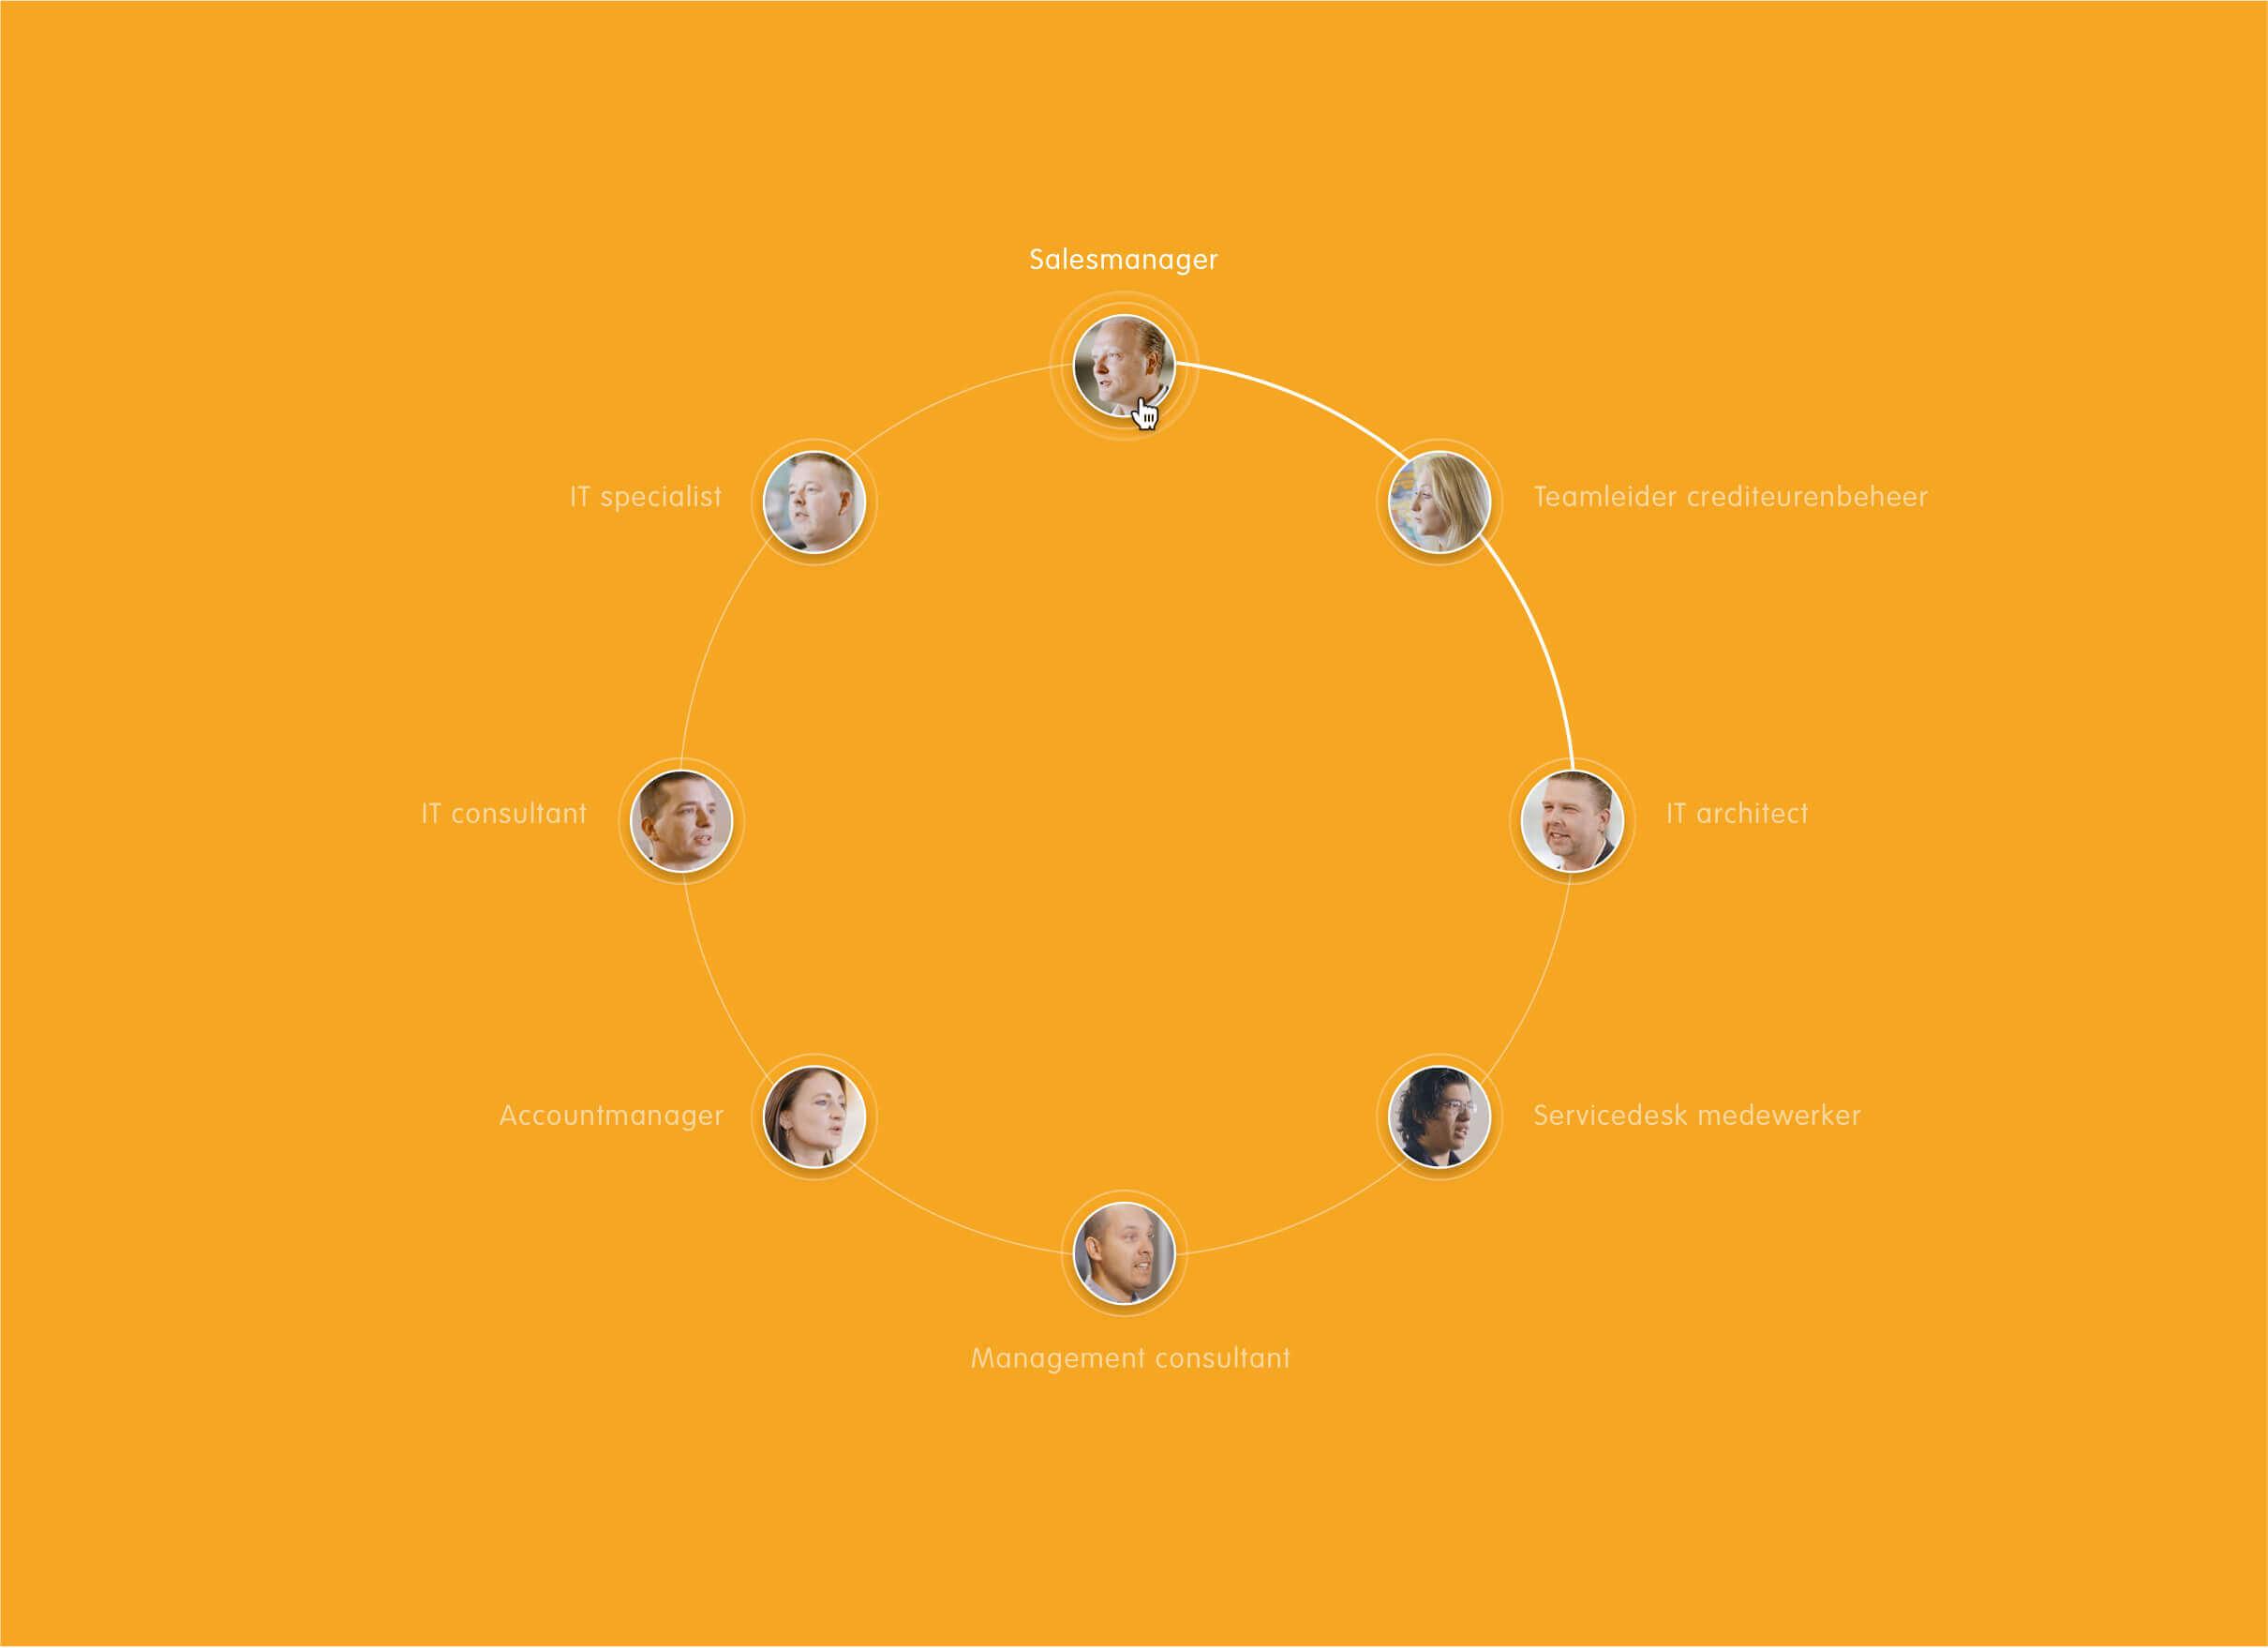 Detron werknemers in een cirkel